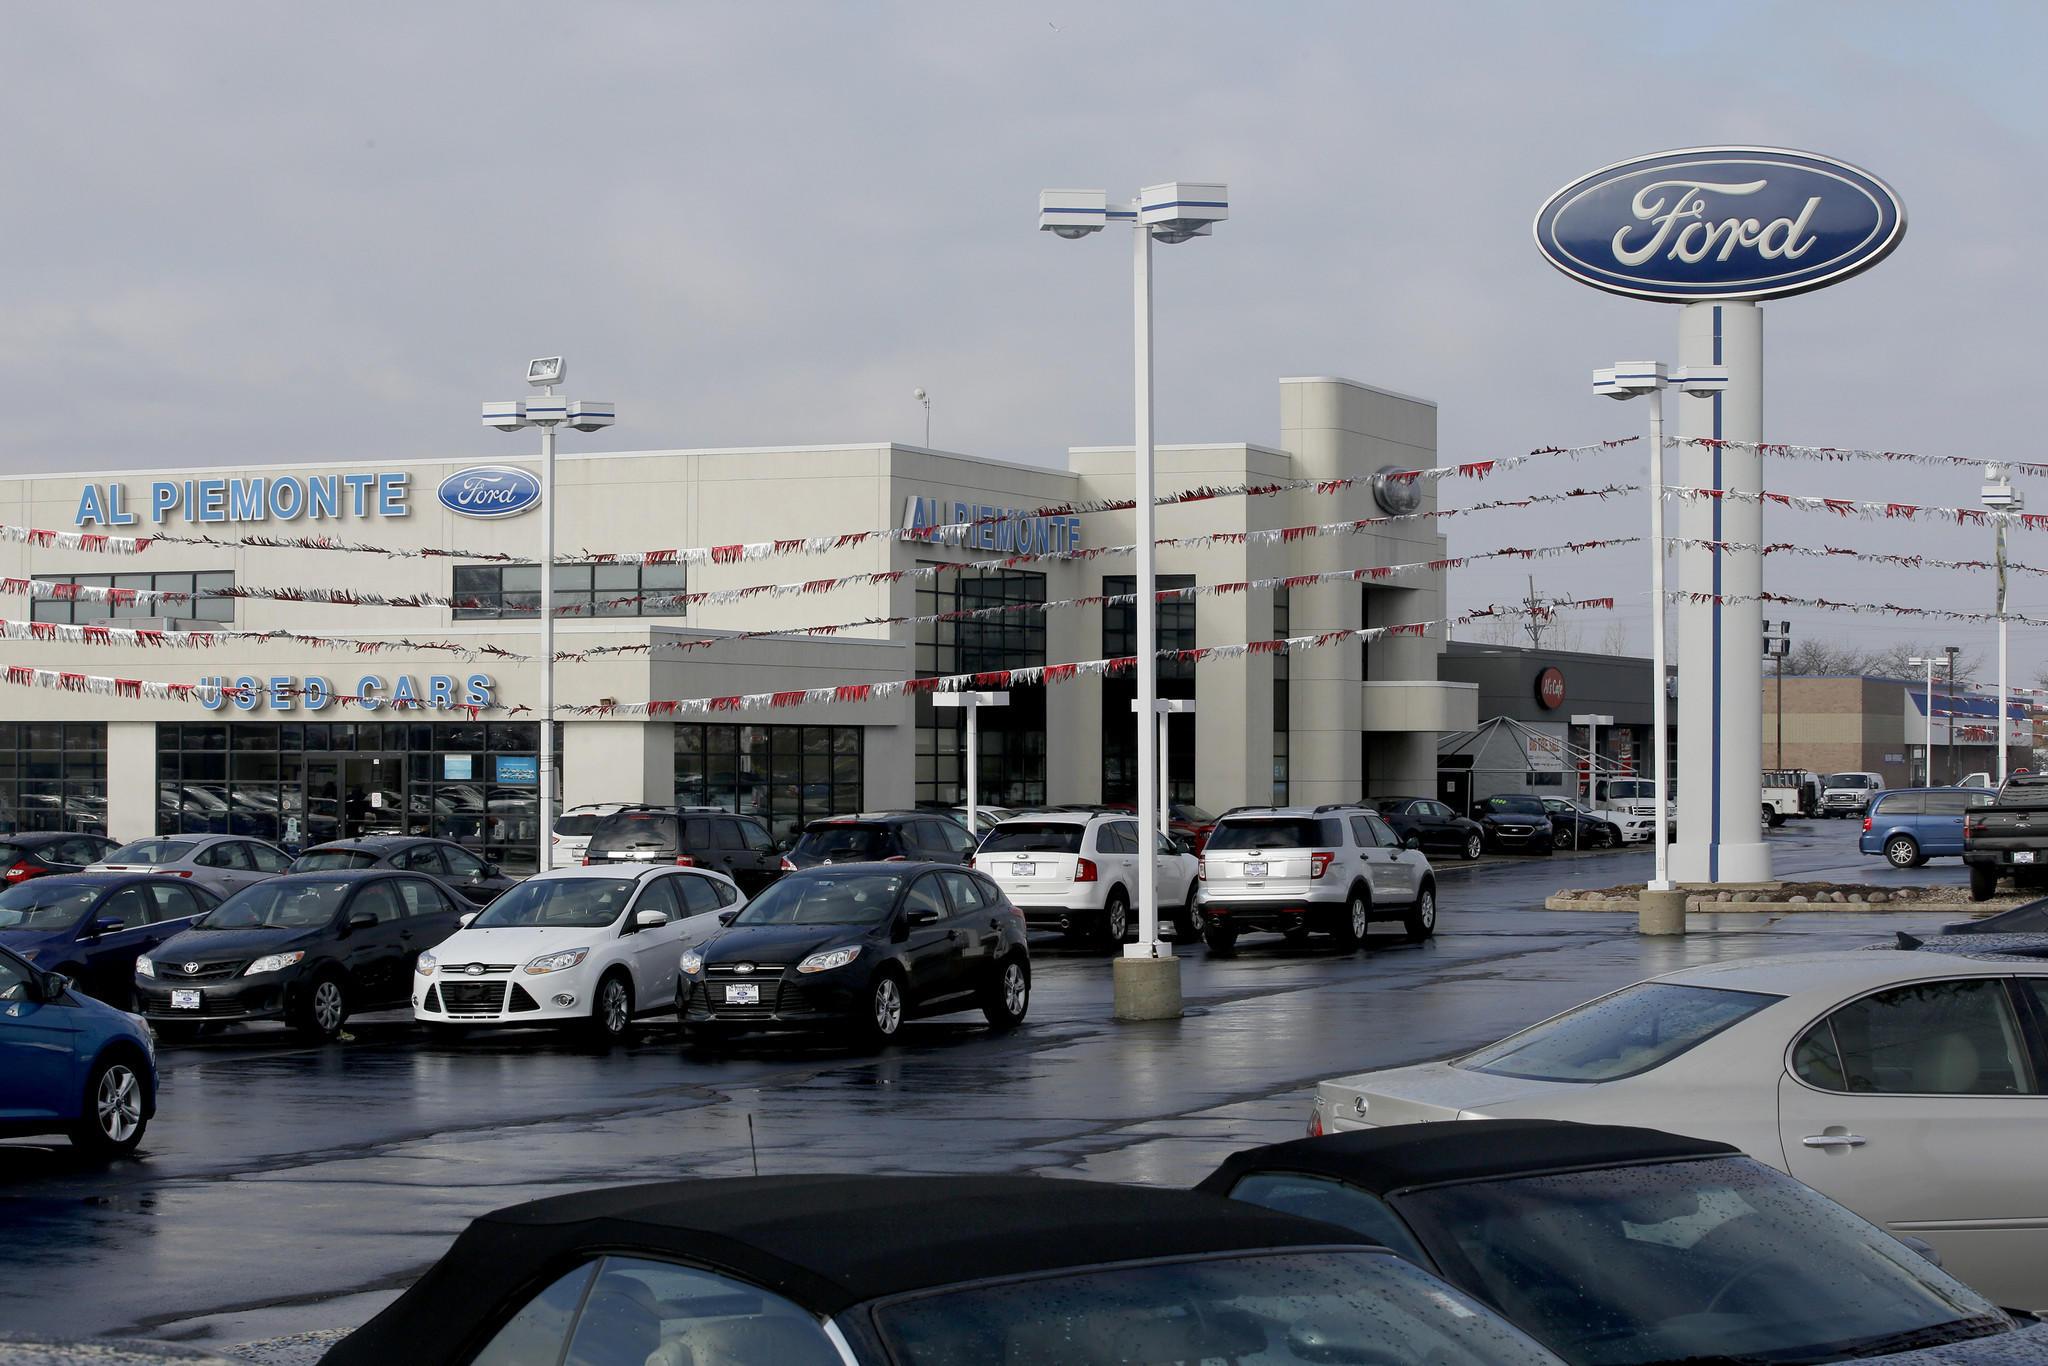 Al piemonte ford dealership on north av and 25th av in melrose park